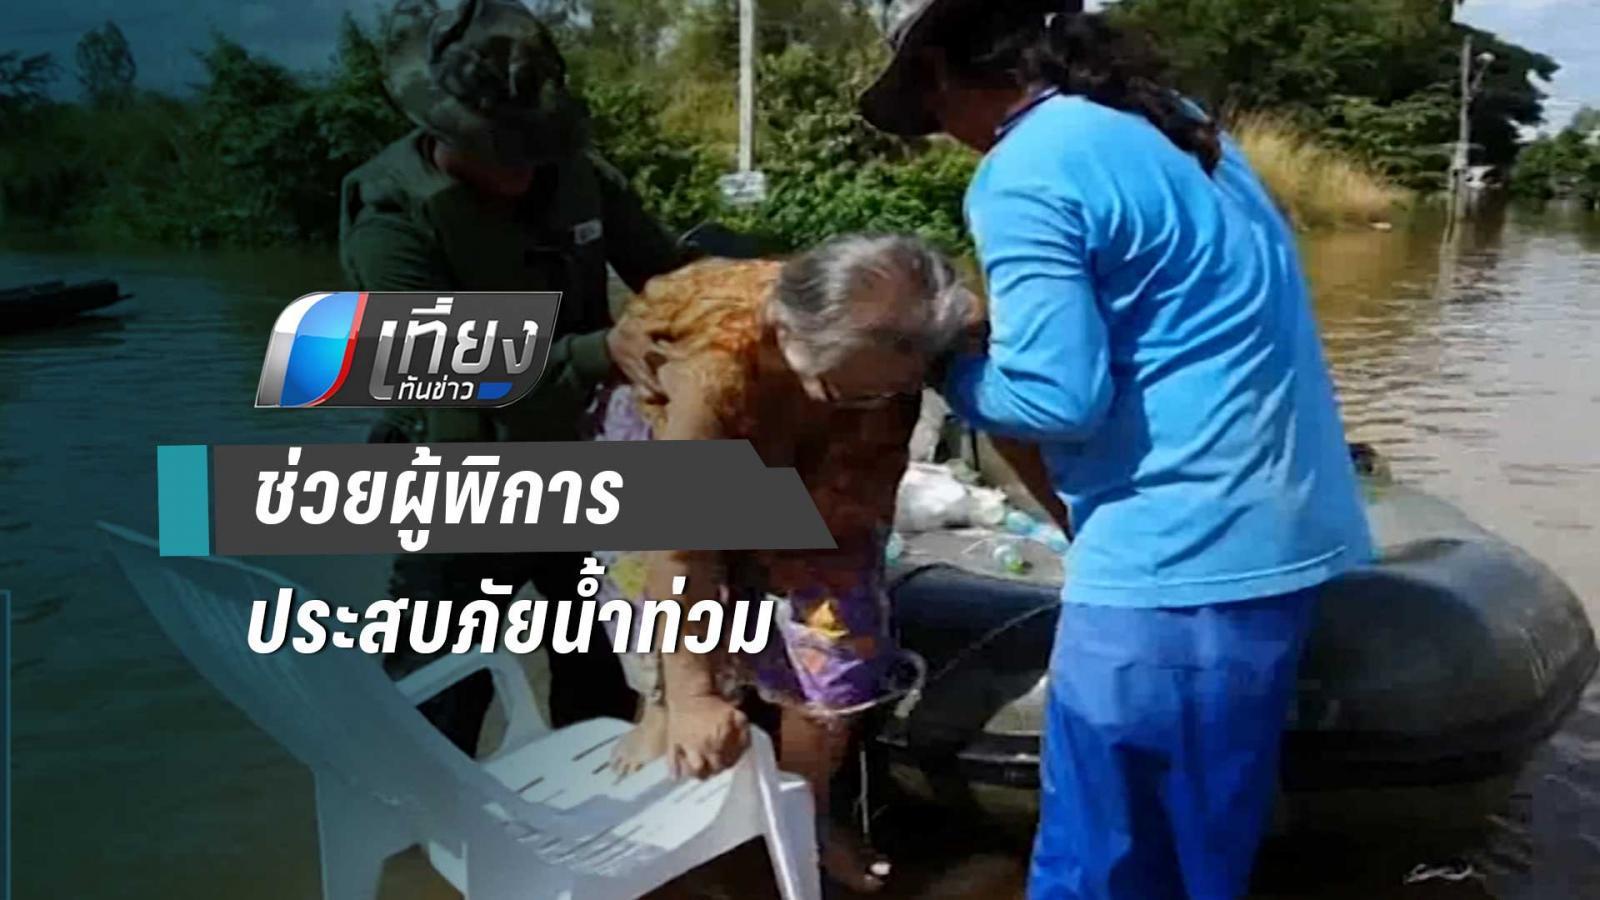 กยศ. ออกมาตรการช่วยผู้ประสบภัยน้ำท่วม ผู้พิการและ ผู้ไม่มีรายได้